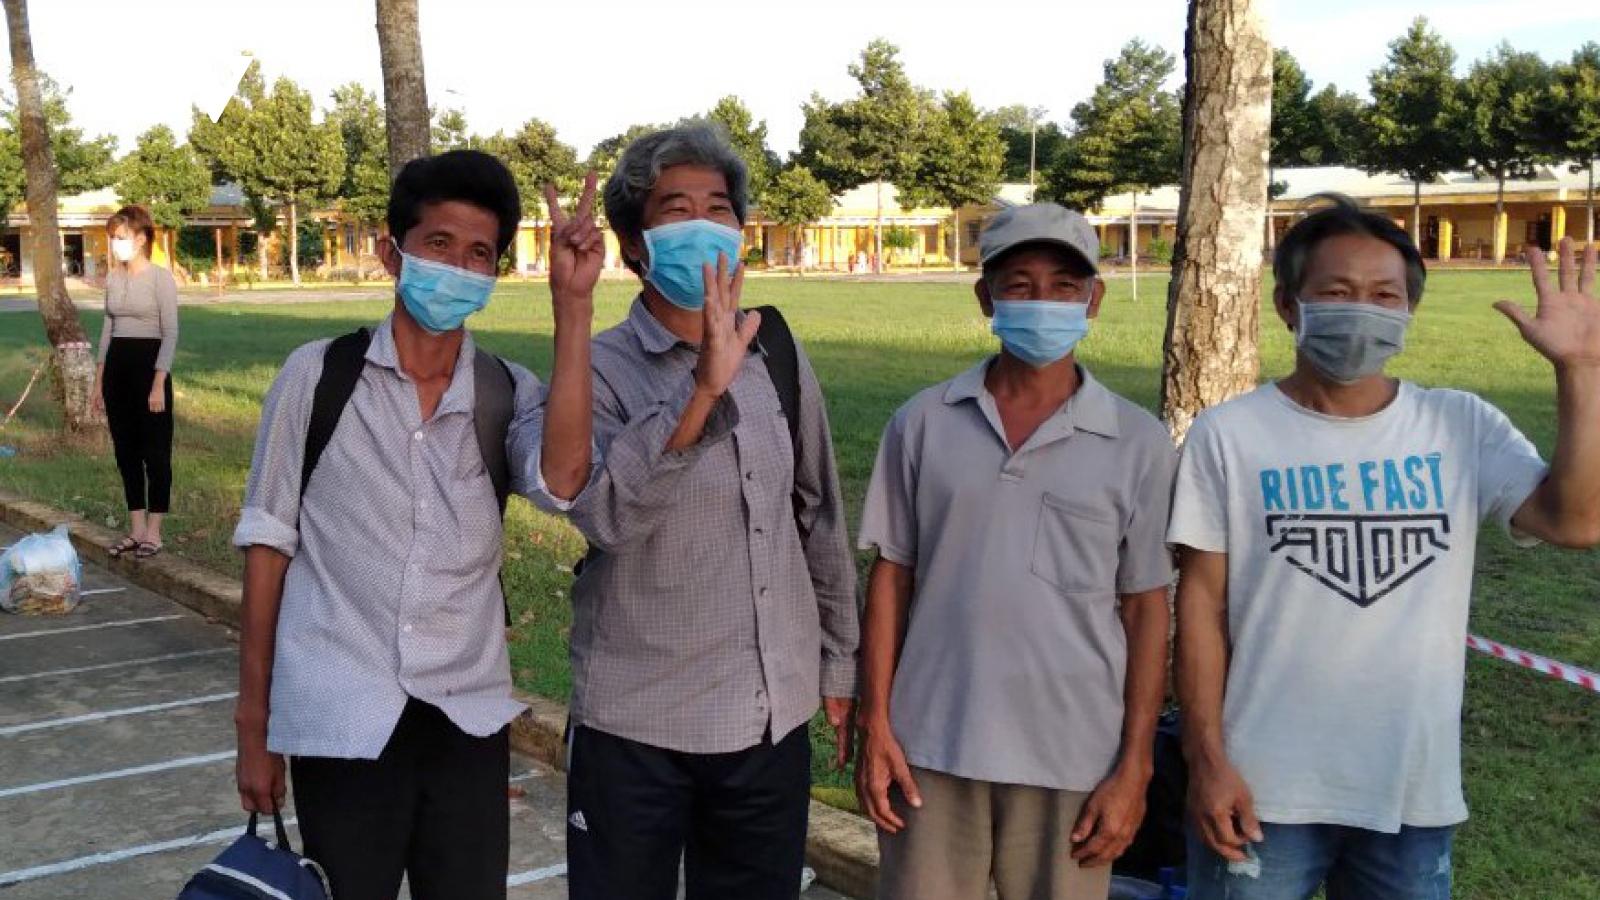 Tiền Giang: Bệnh viện dã chiếnquân đội điều trị 13 bệnh nhân Covid-19 đầu tiên khỏi bệnh